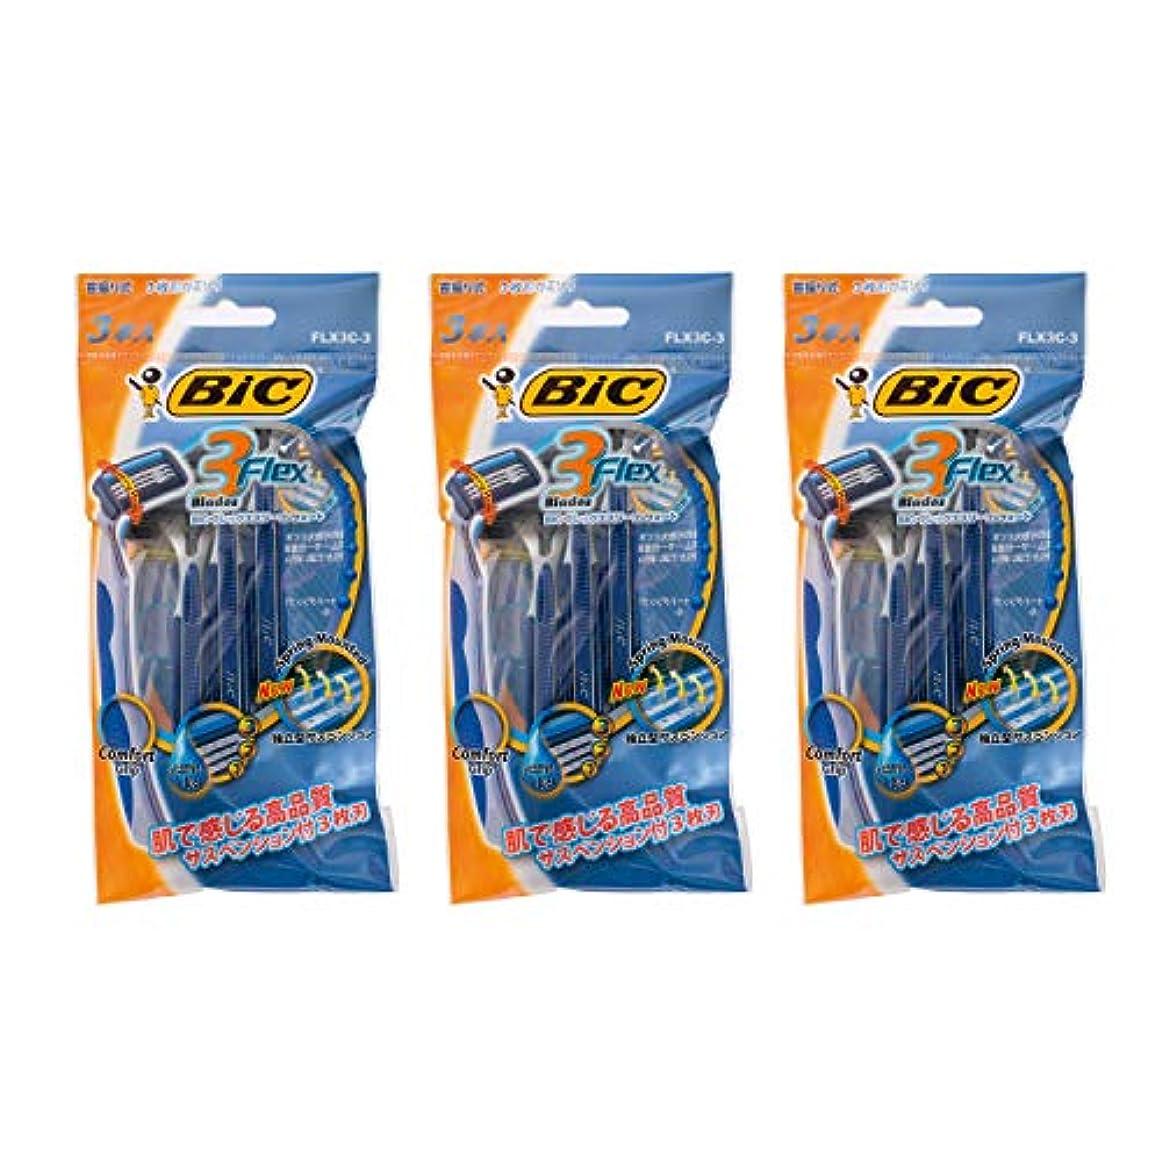 日常的に積極的に実験室ビック BIC フレックス3 コンフォート3本入 x 3パック(9本) FLEX3 3枚刃 使い捨てカミソリ 首振り サスペンション ディスポ